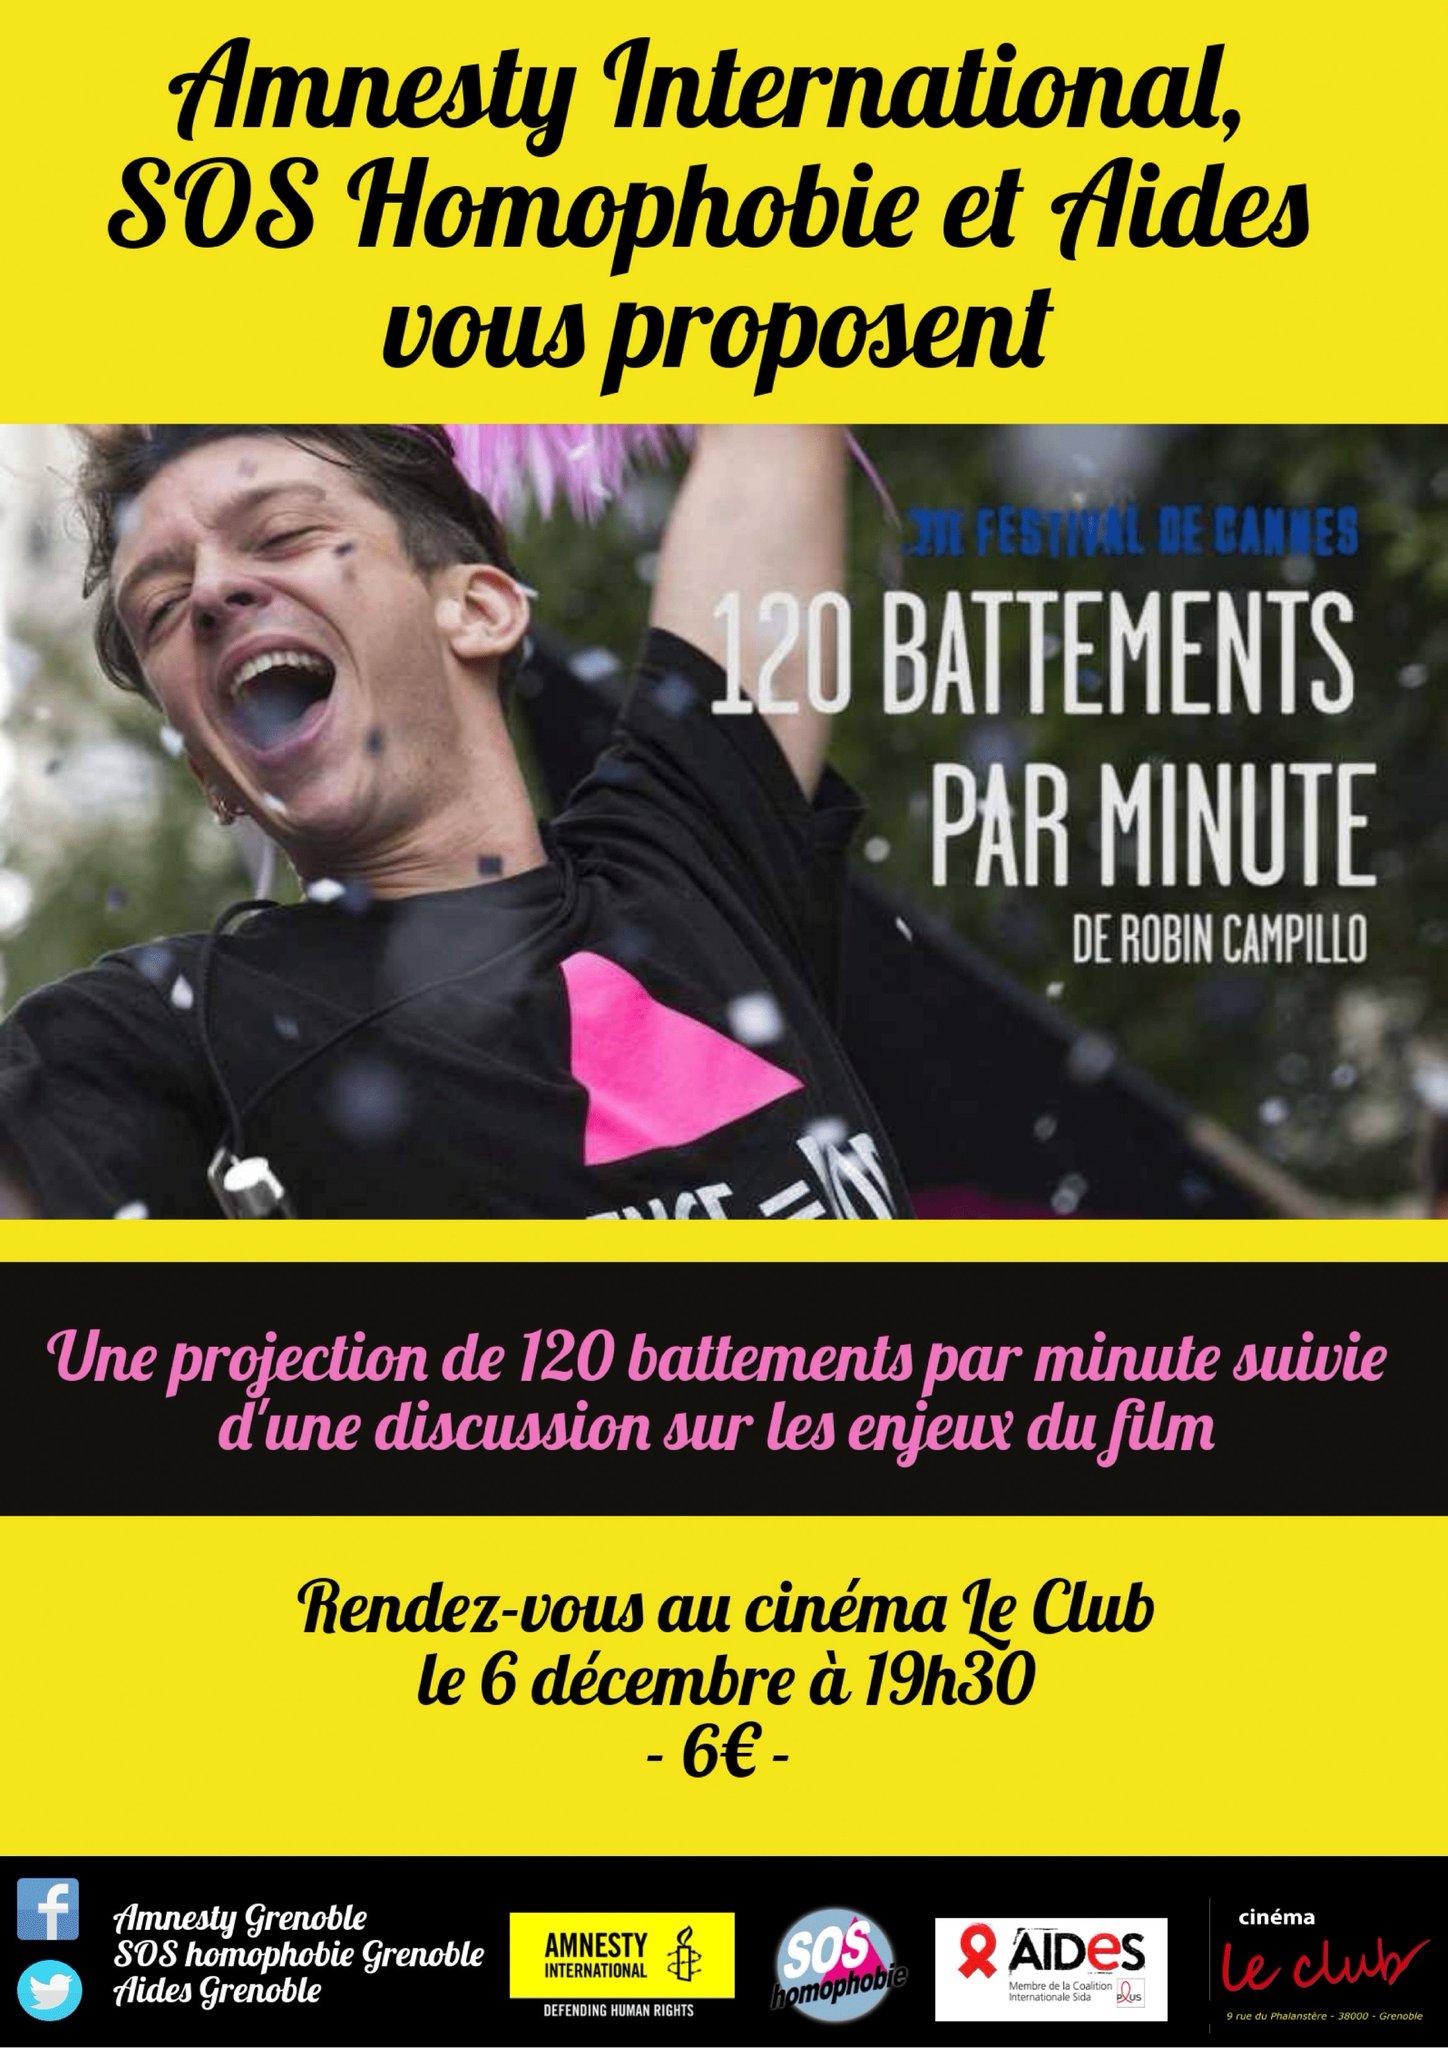 Le 6 décembre, @GrenobleAmnesty vous emmène au cinéma ! Au programme : la diffusion du film 120 Battements par minute, suivie d'une intervention de militants de @SOShomophobie et @assoAIDES Pour l'occasion, les places seront vendues à 6 euros. Au plaisir de vous voir là-bas ! https://t.co/WxQM3gzo1A